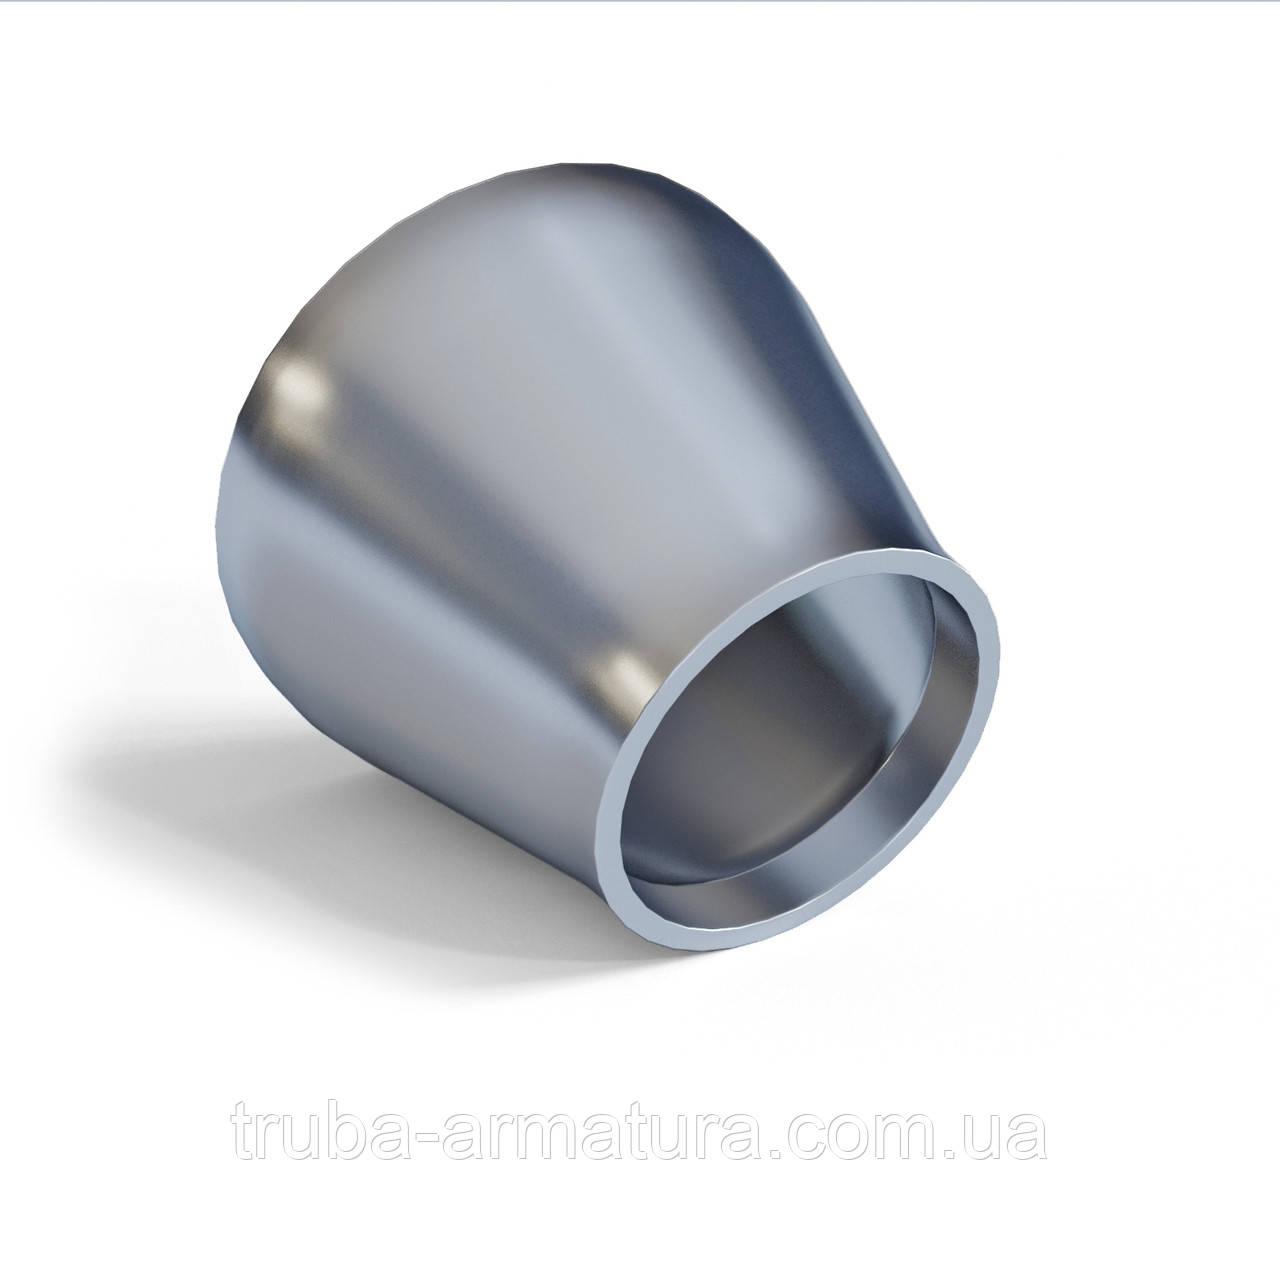 Перехід оцинкований сталевий для труб 48x32 (40x25)